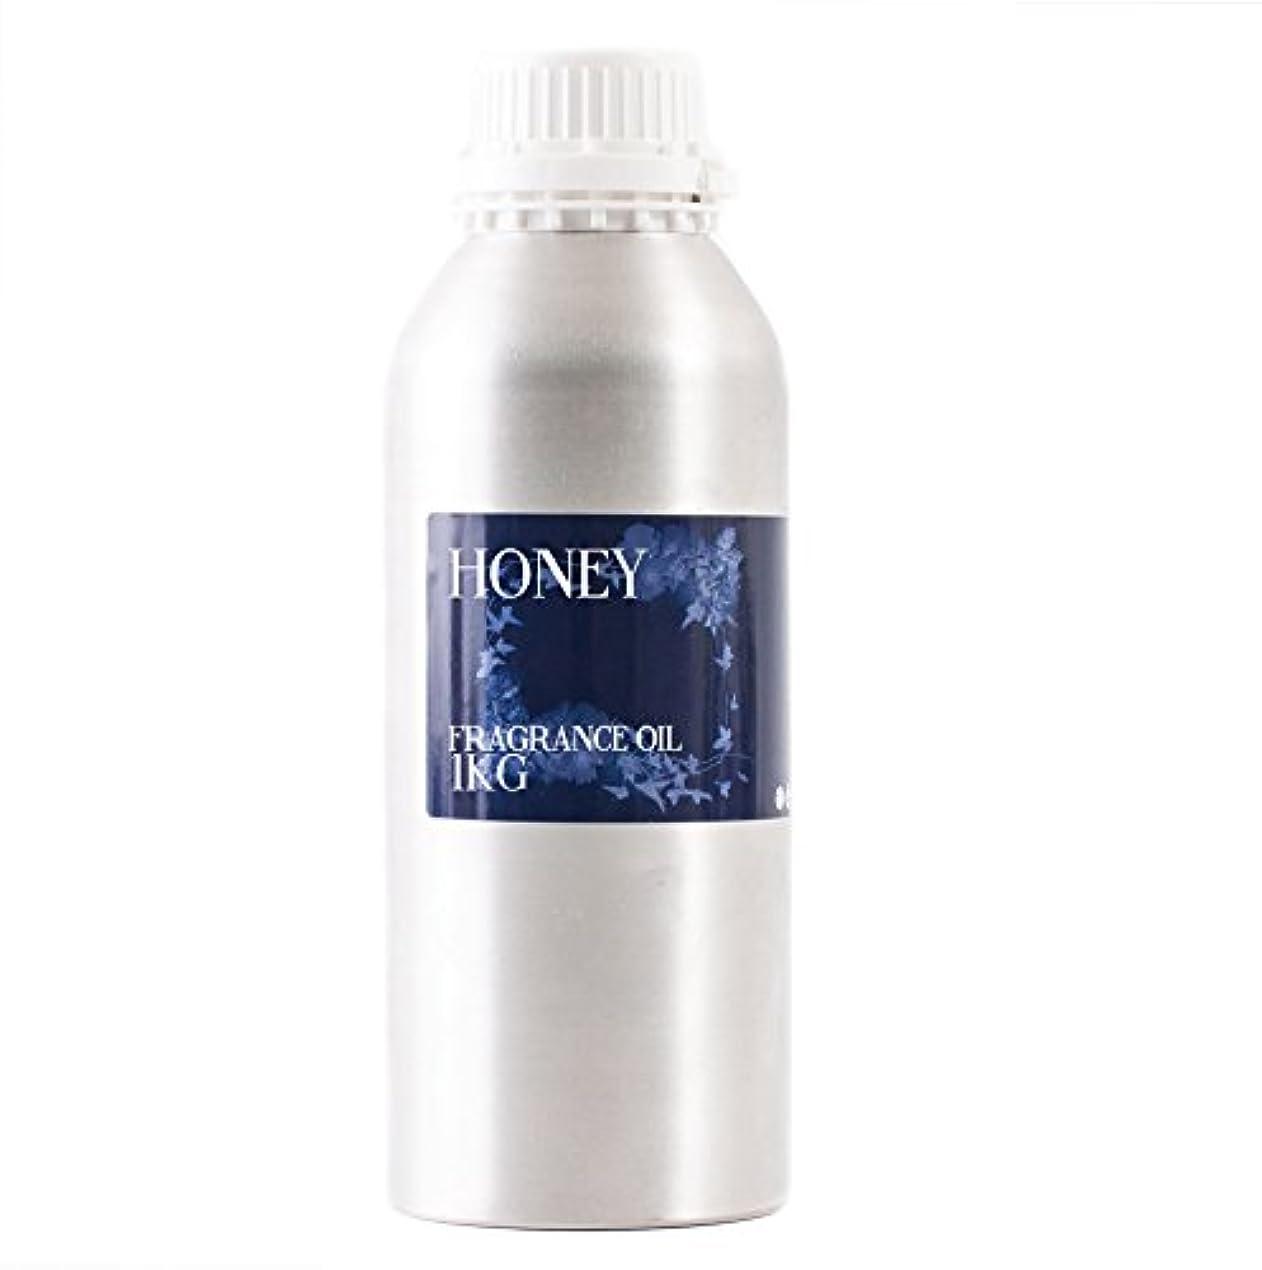 脚本家容量デイジーMystic Moments   Honey Fragrance Oil - 1Kg